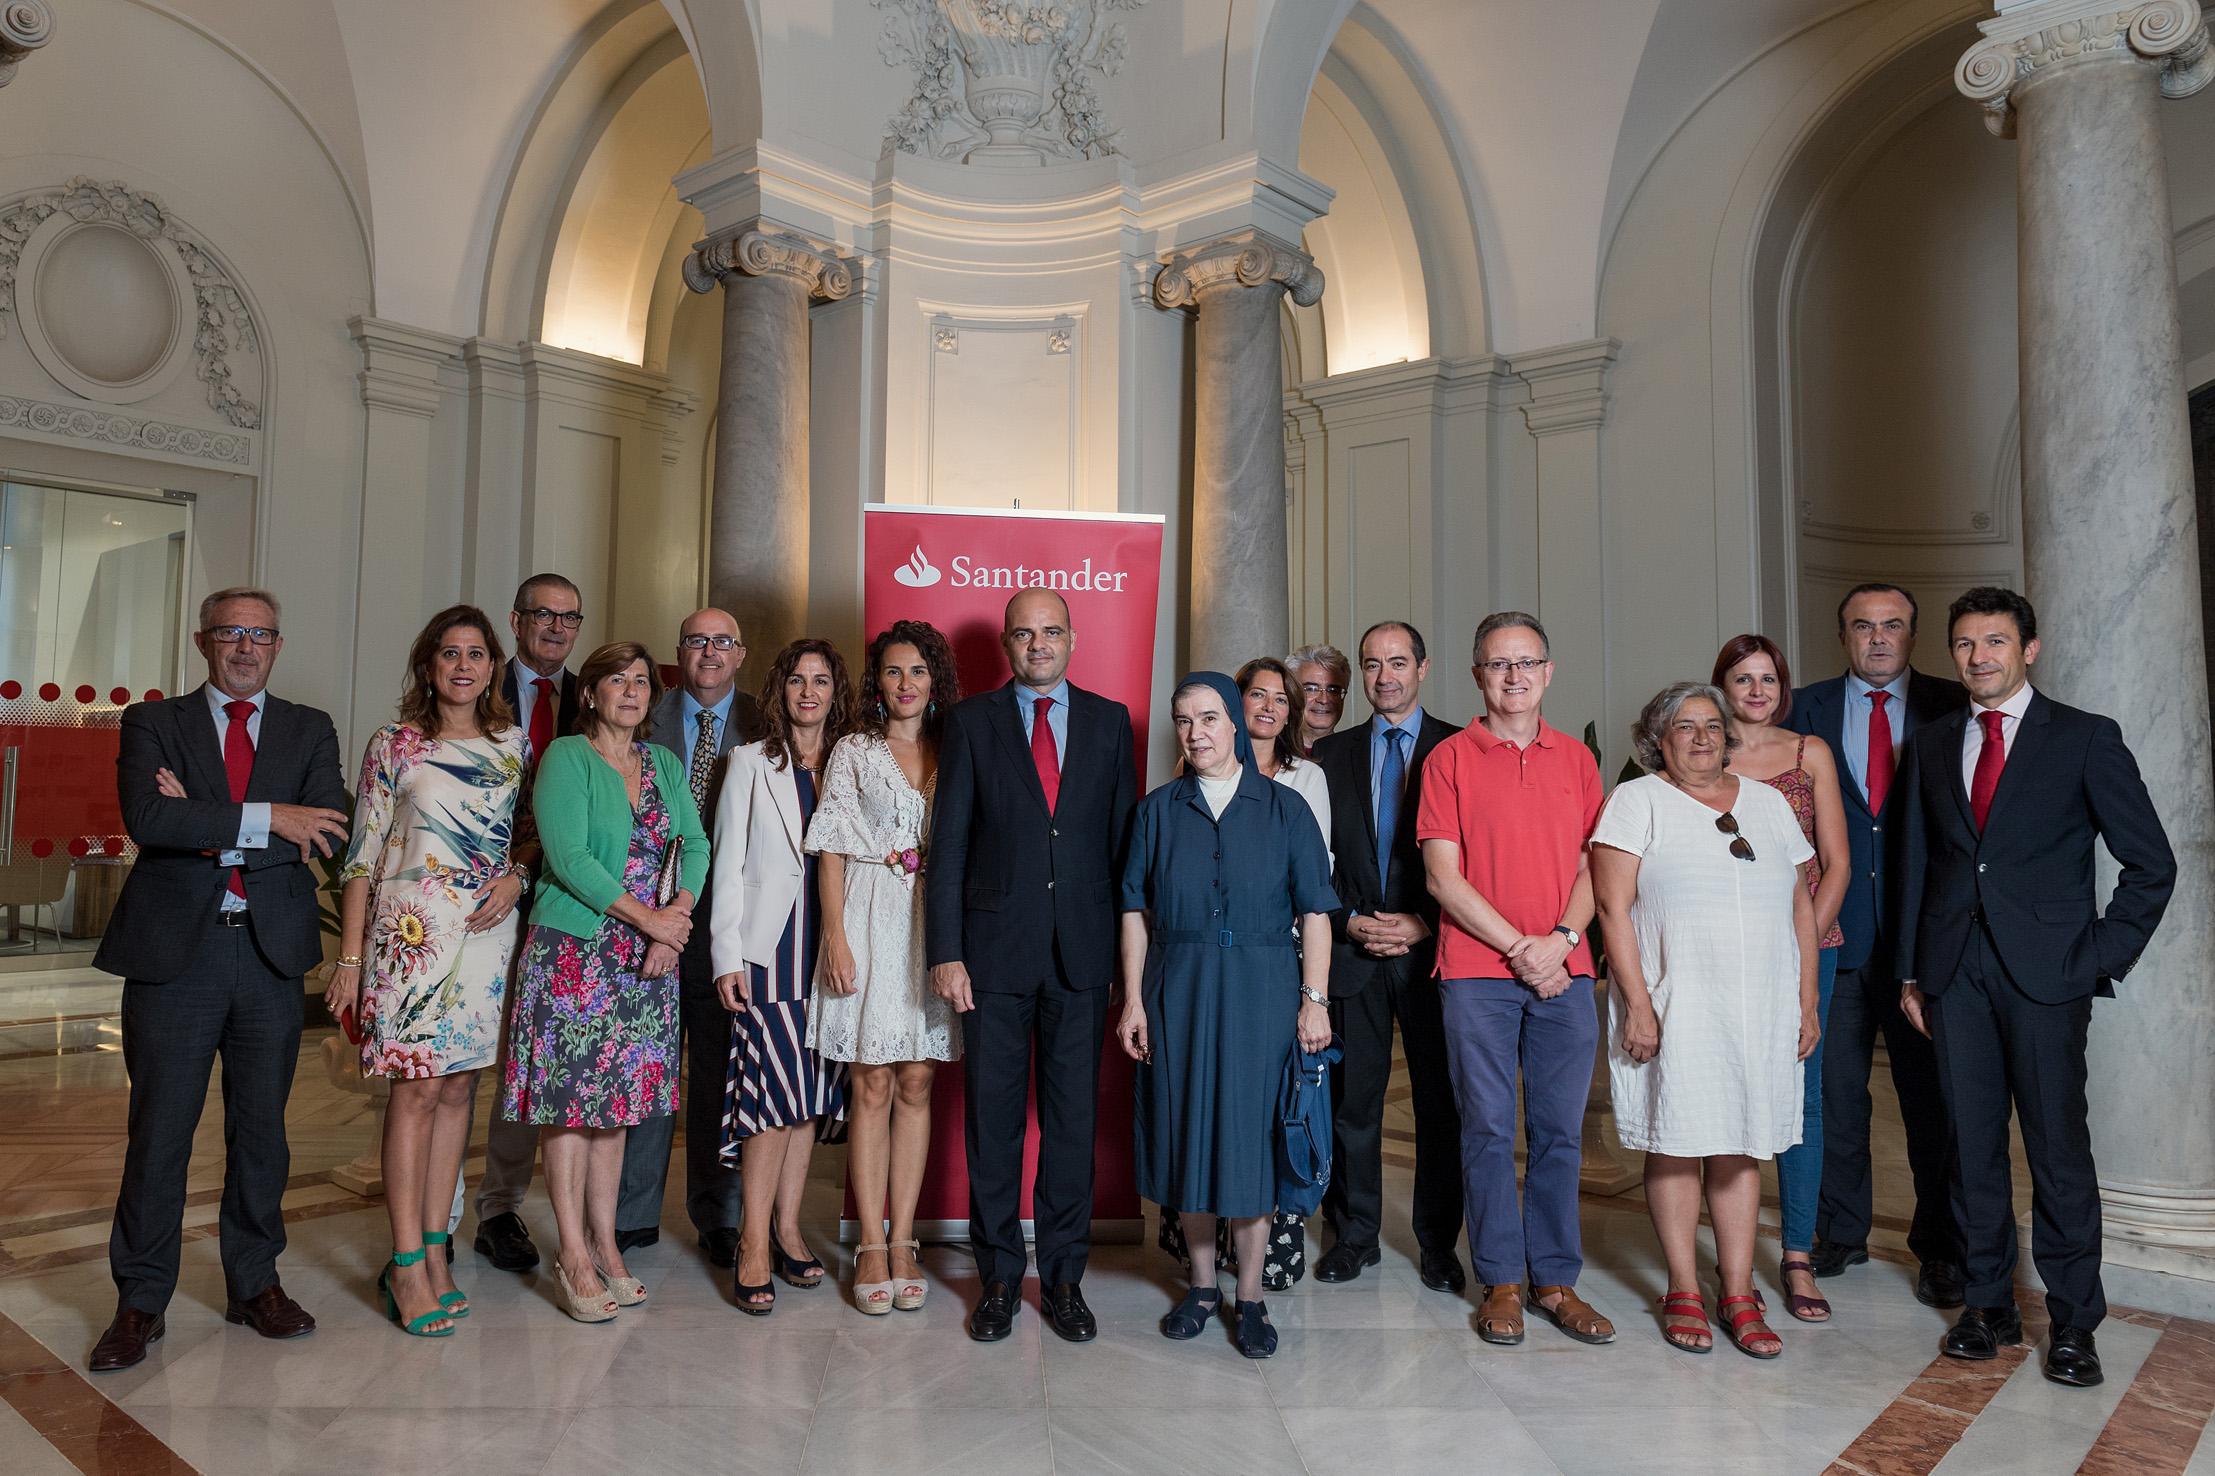 Banco Santander respalda proyectos sociales contra la exclusión en Andalucía